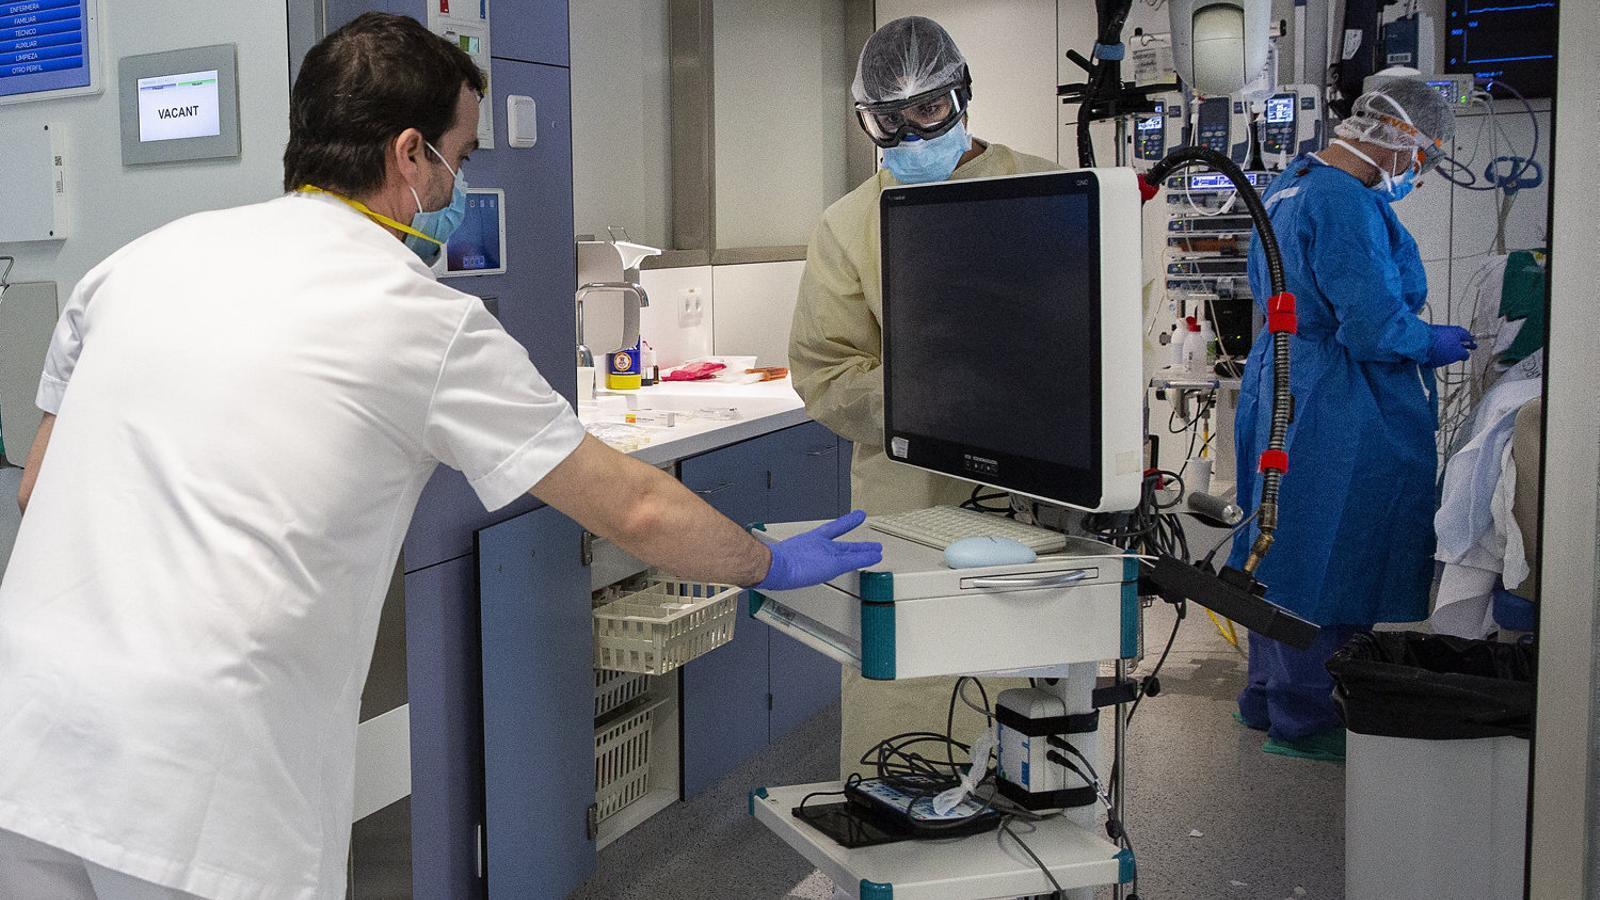 L'UCI de la planta 4 de l'Hospital Clínic de Barcelona, dimecres al migdia en plena activitat.